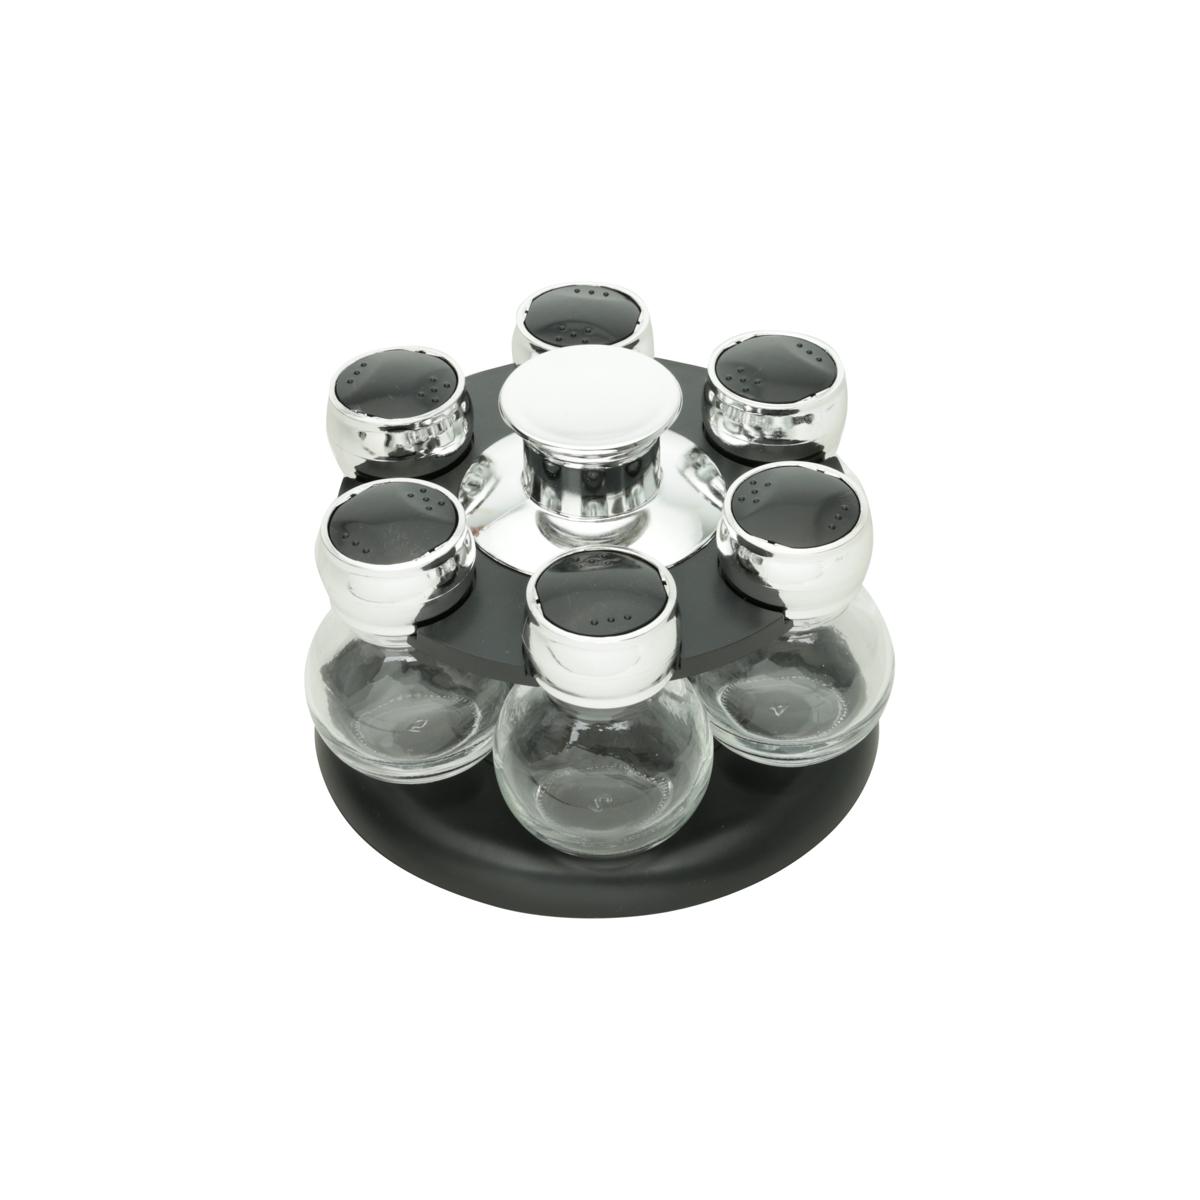 Porta temperos c/6 potes base giratória 17x11cm Bom Gourmet